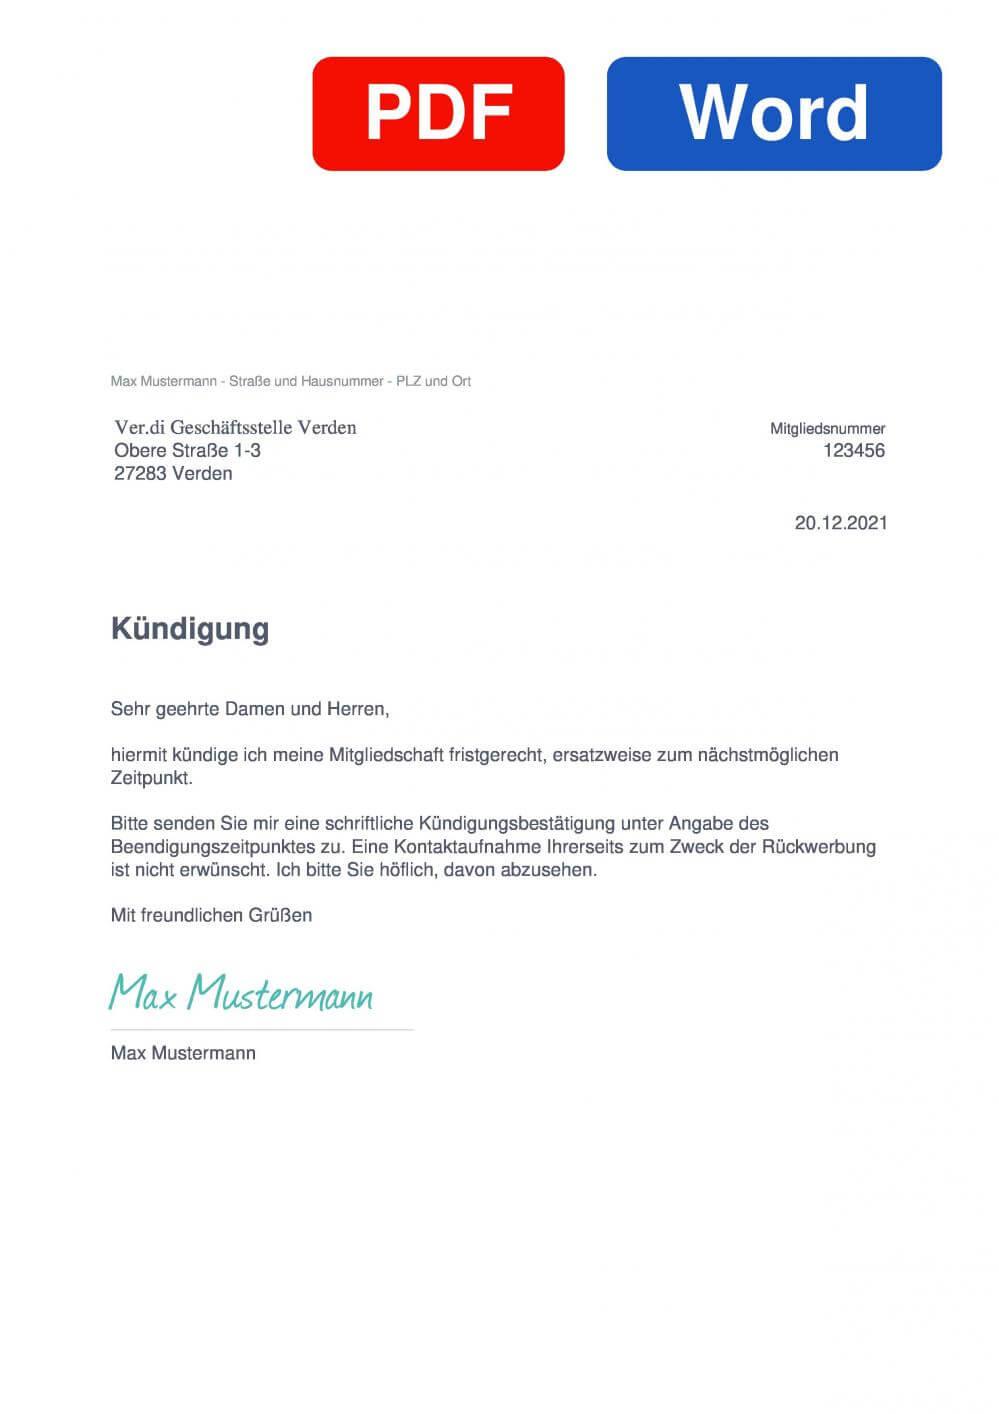 Verdi Verden Muster Vorlage für Kündigungsschreiben